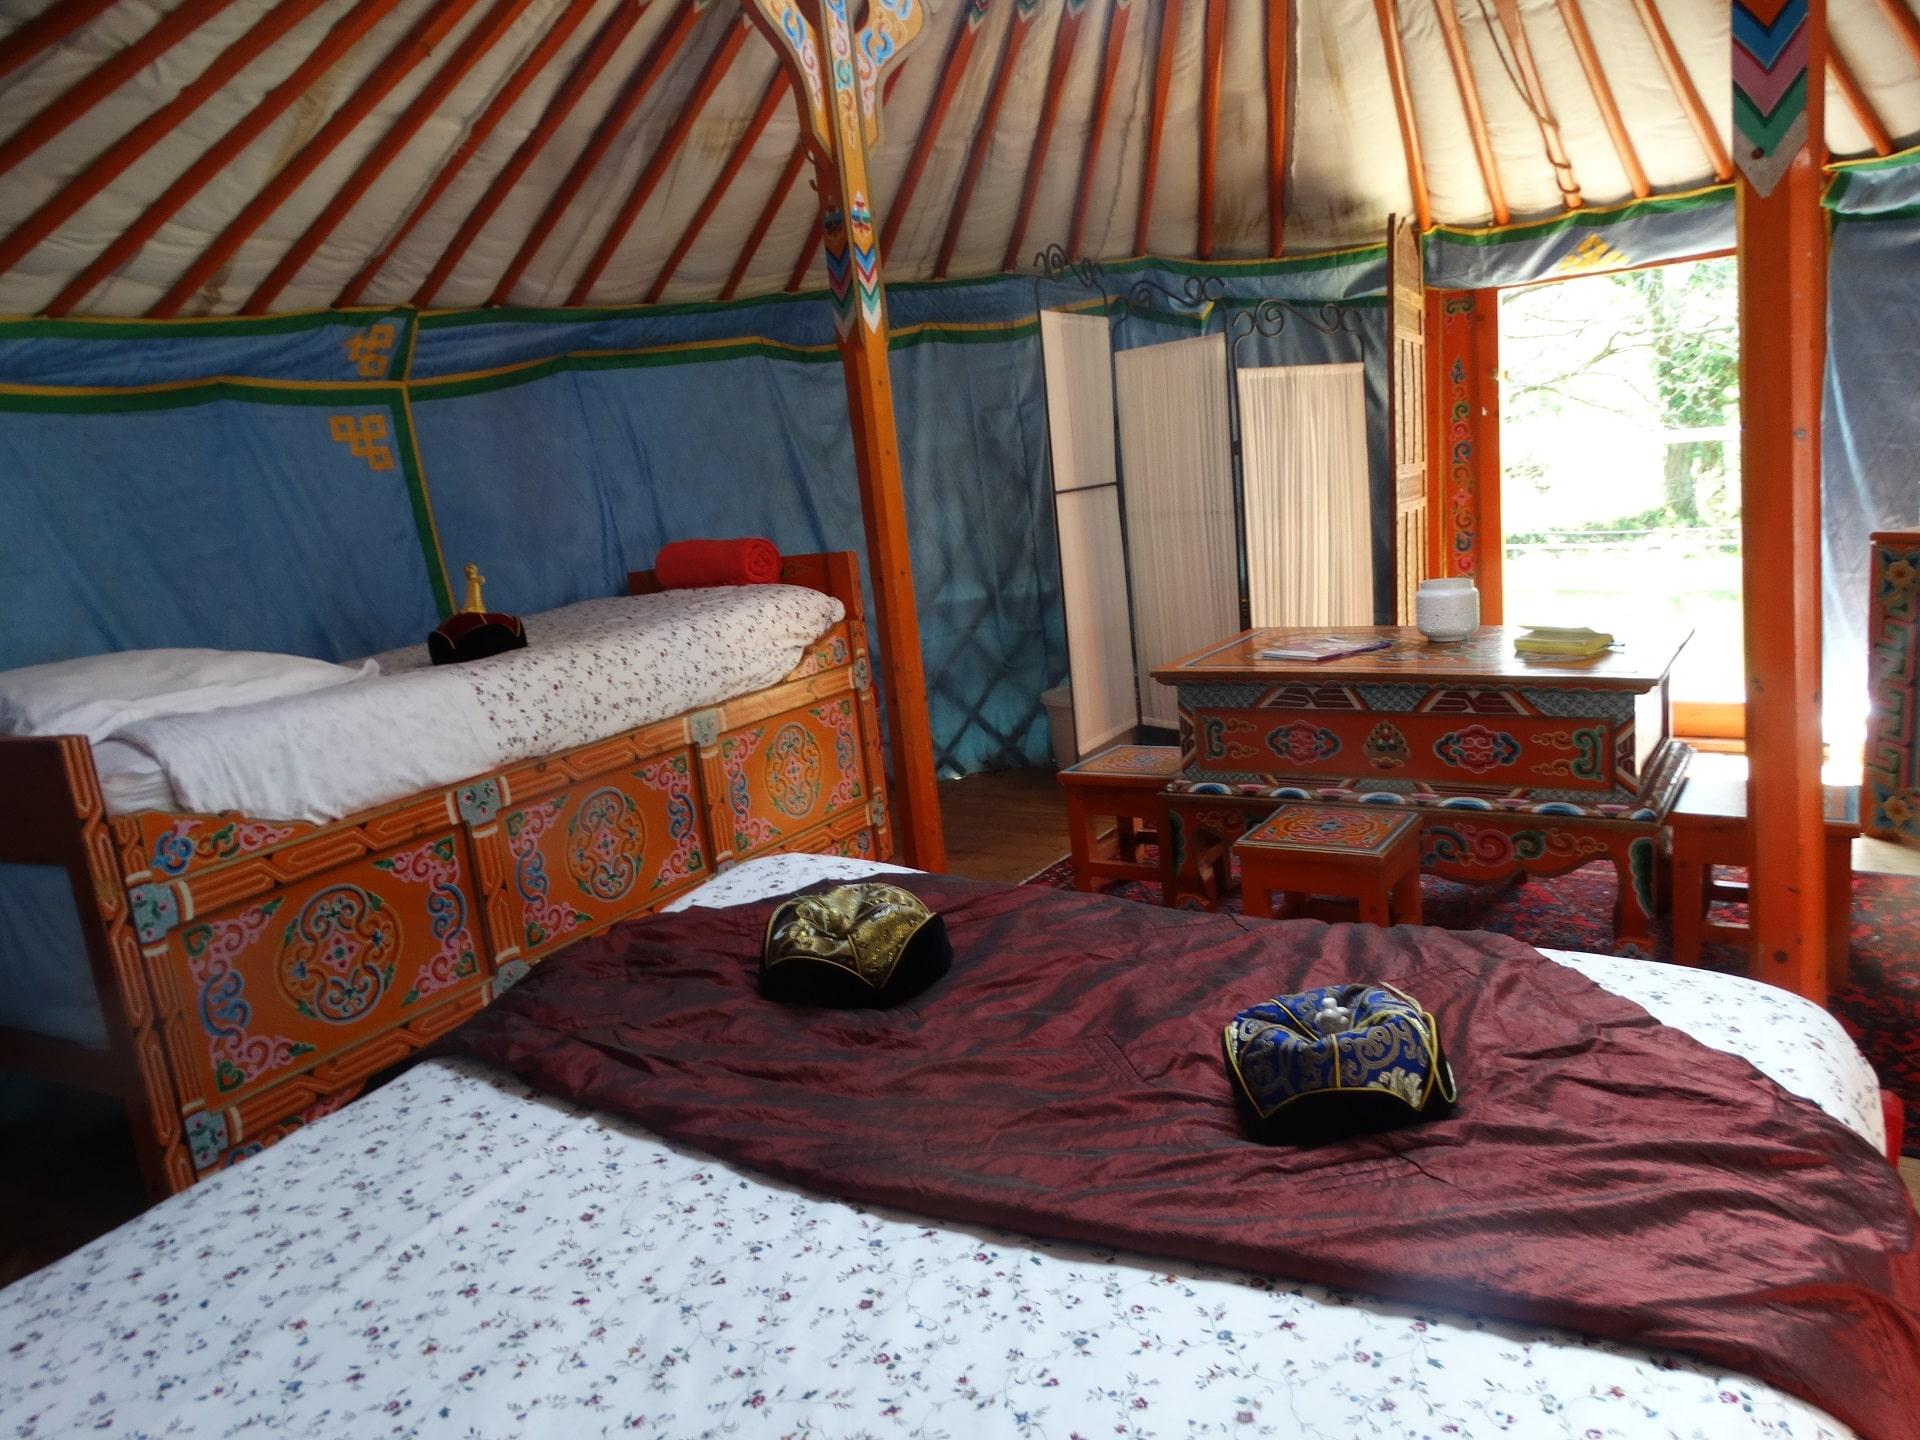 Dormir dans une yourte en bretagne